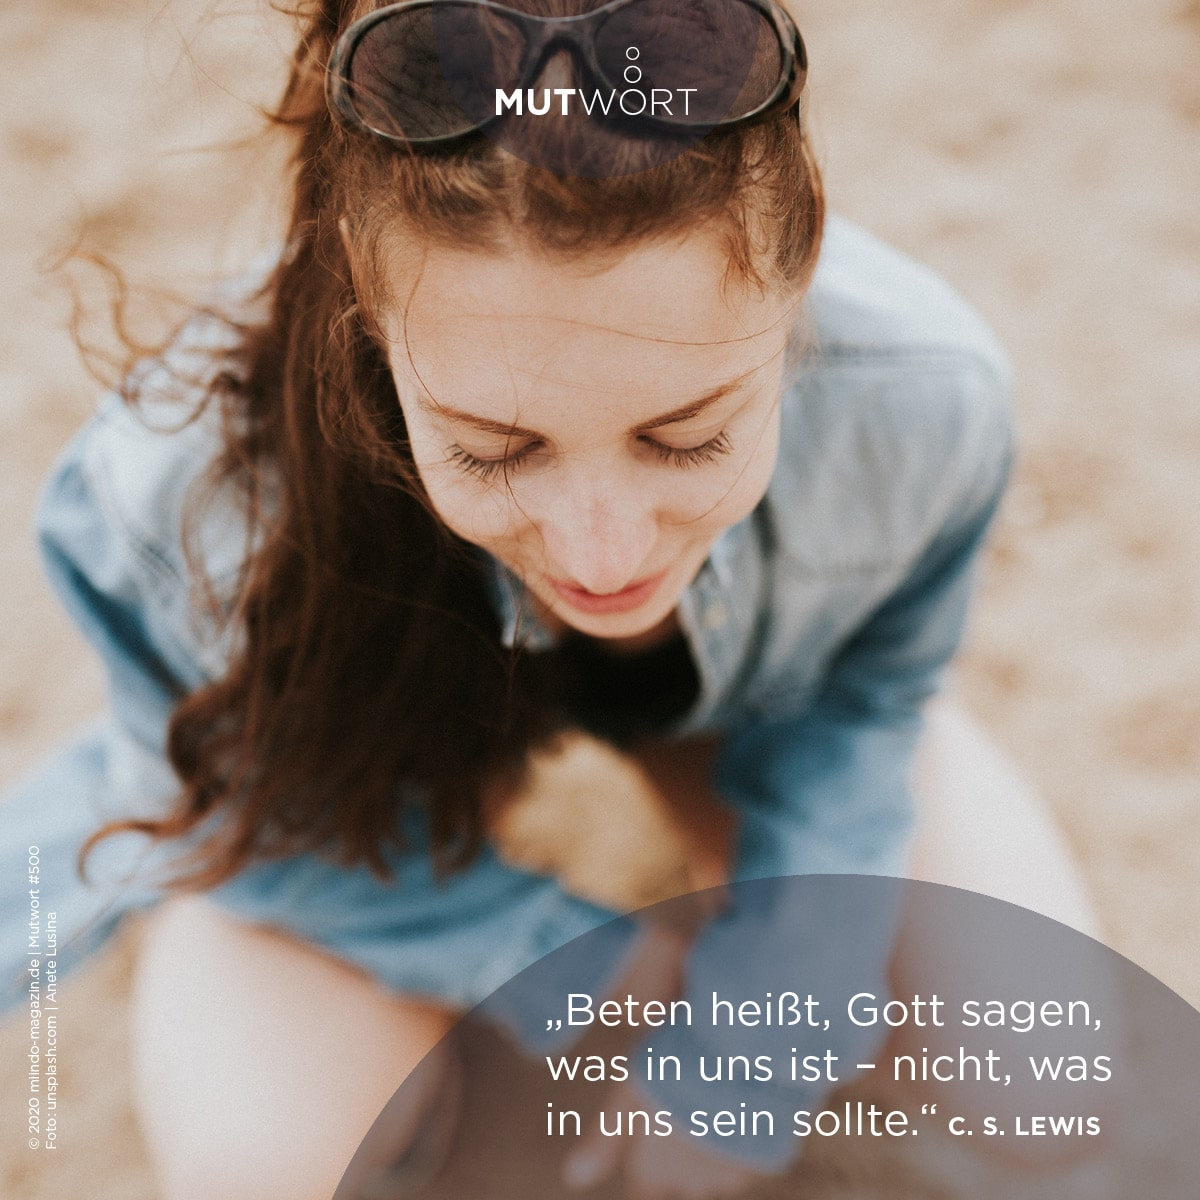 Beten heißt, Gott sagen, was in uns ist – nicht, was in uns sein sollte. – C. S. Lewis